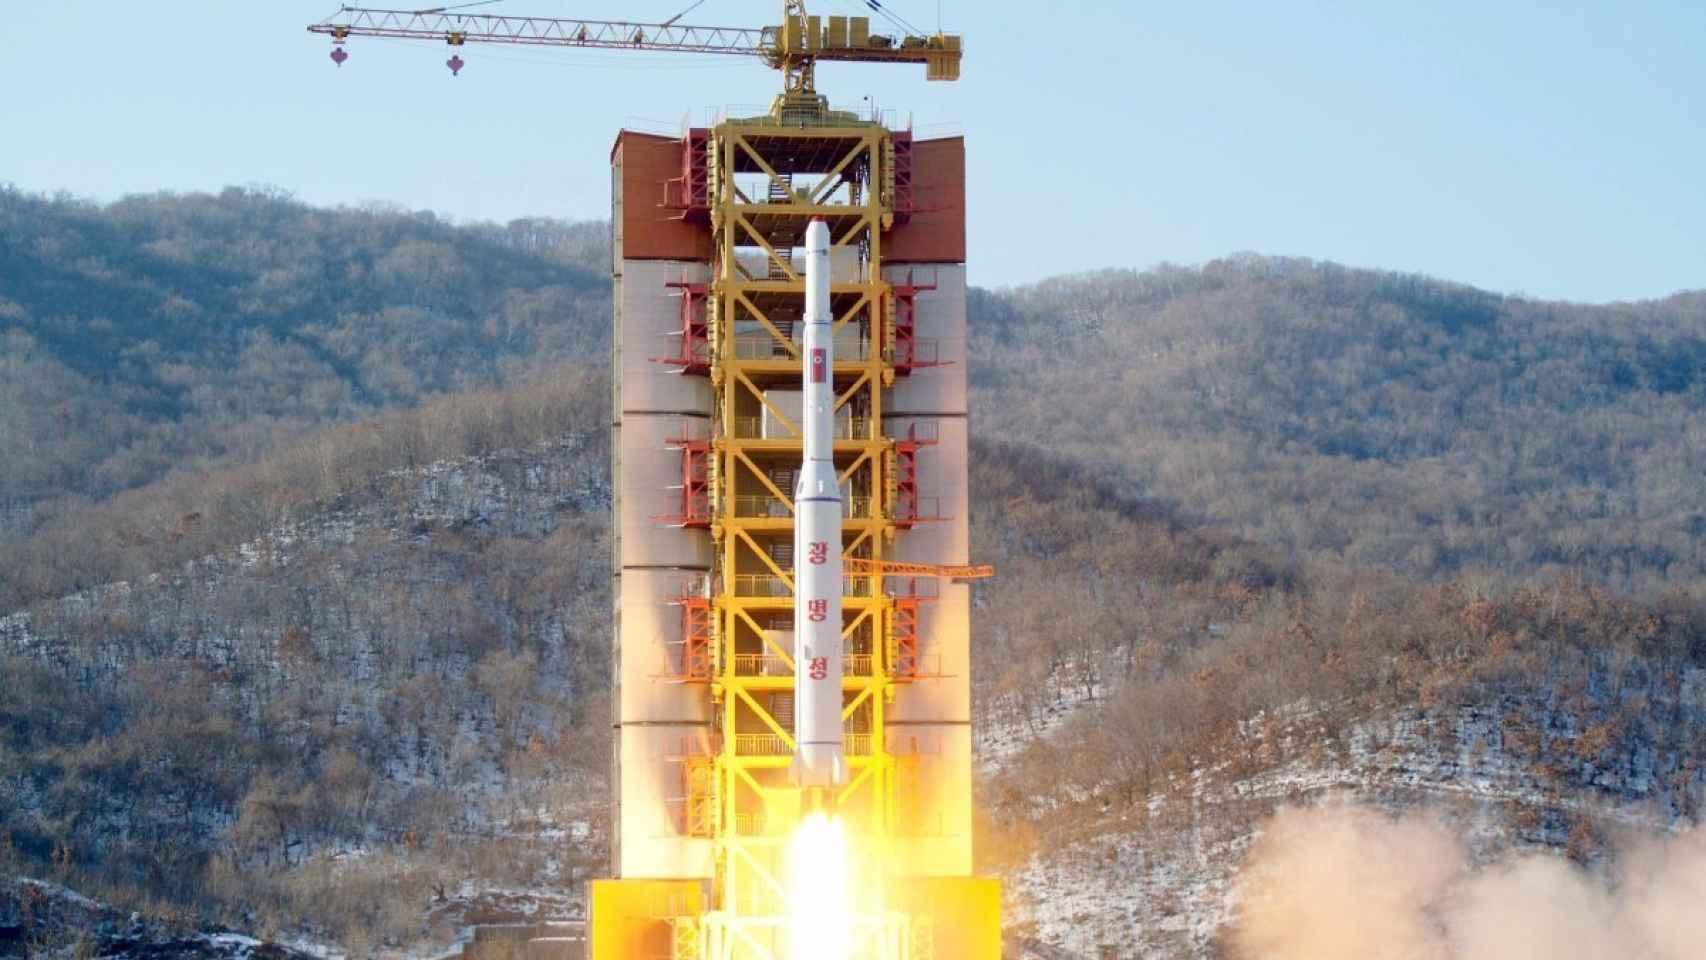 Momento del lanzamiento del misil por parte de Corea del Norte.